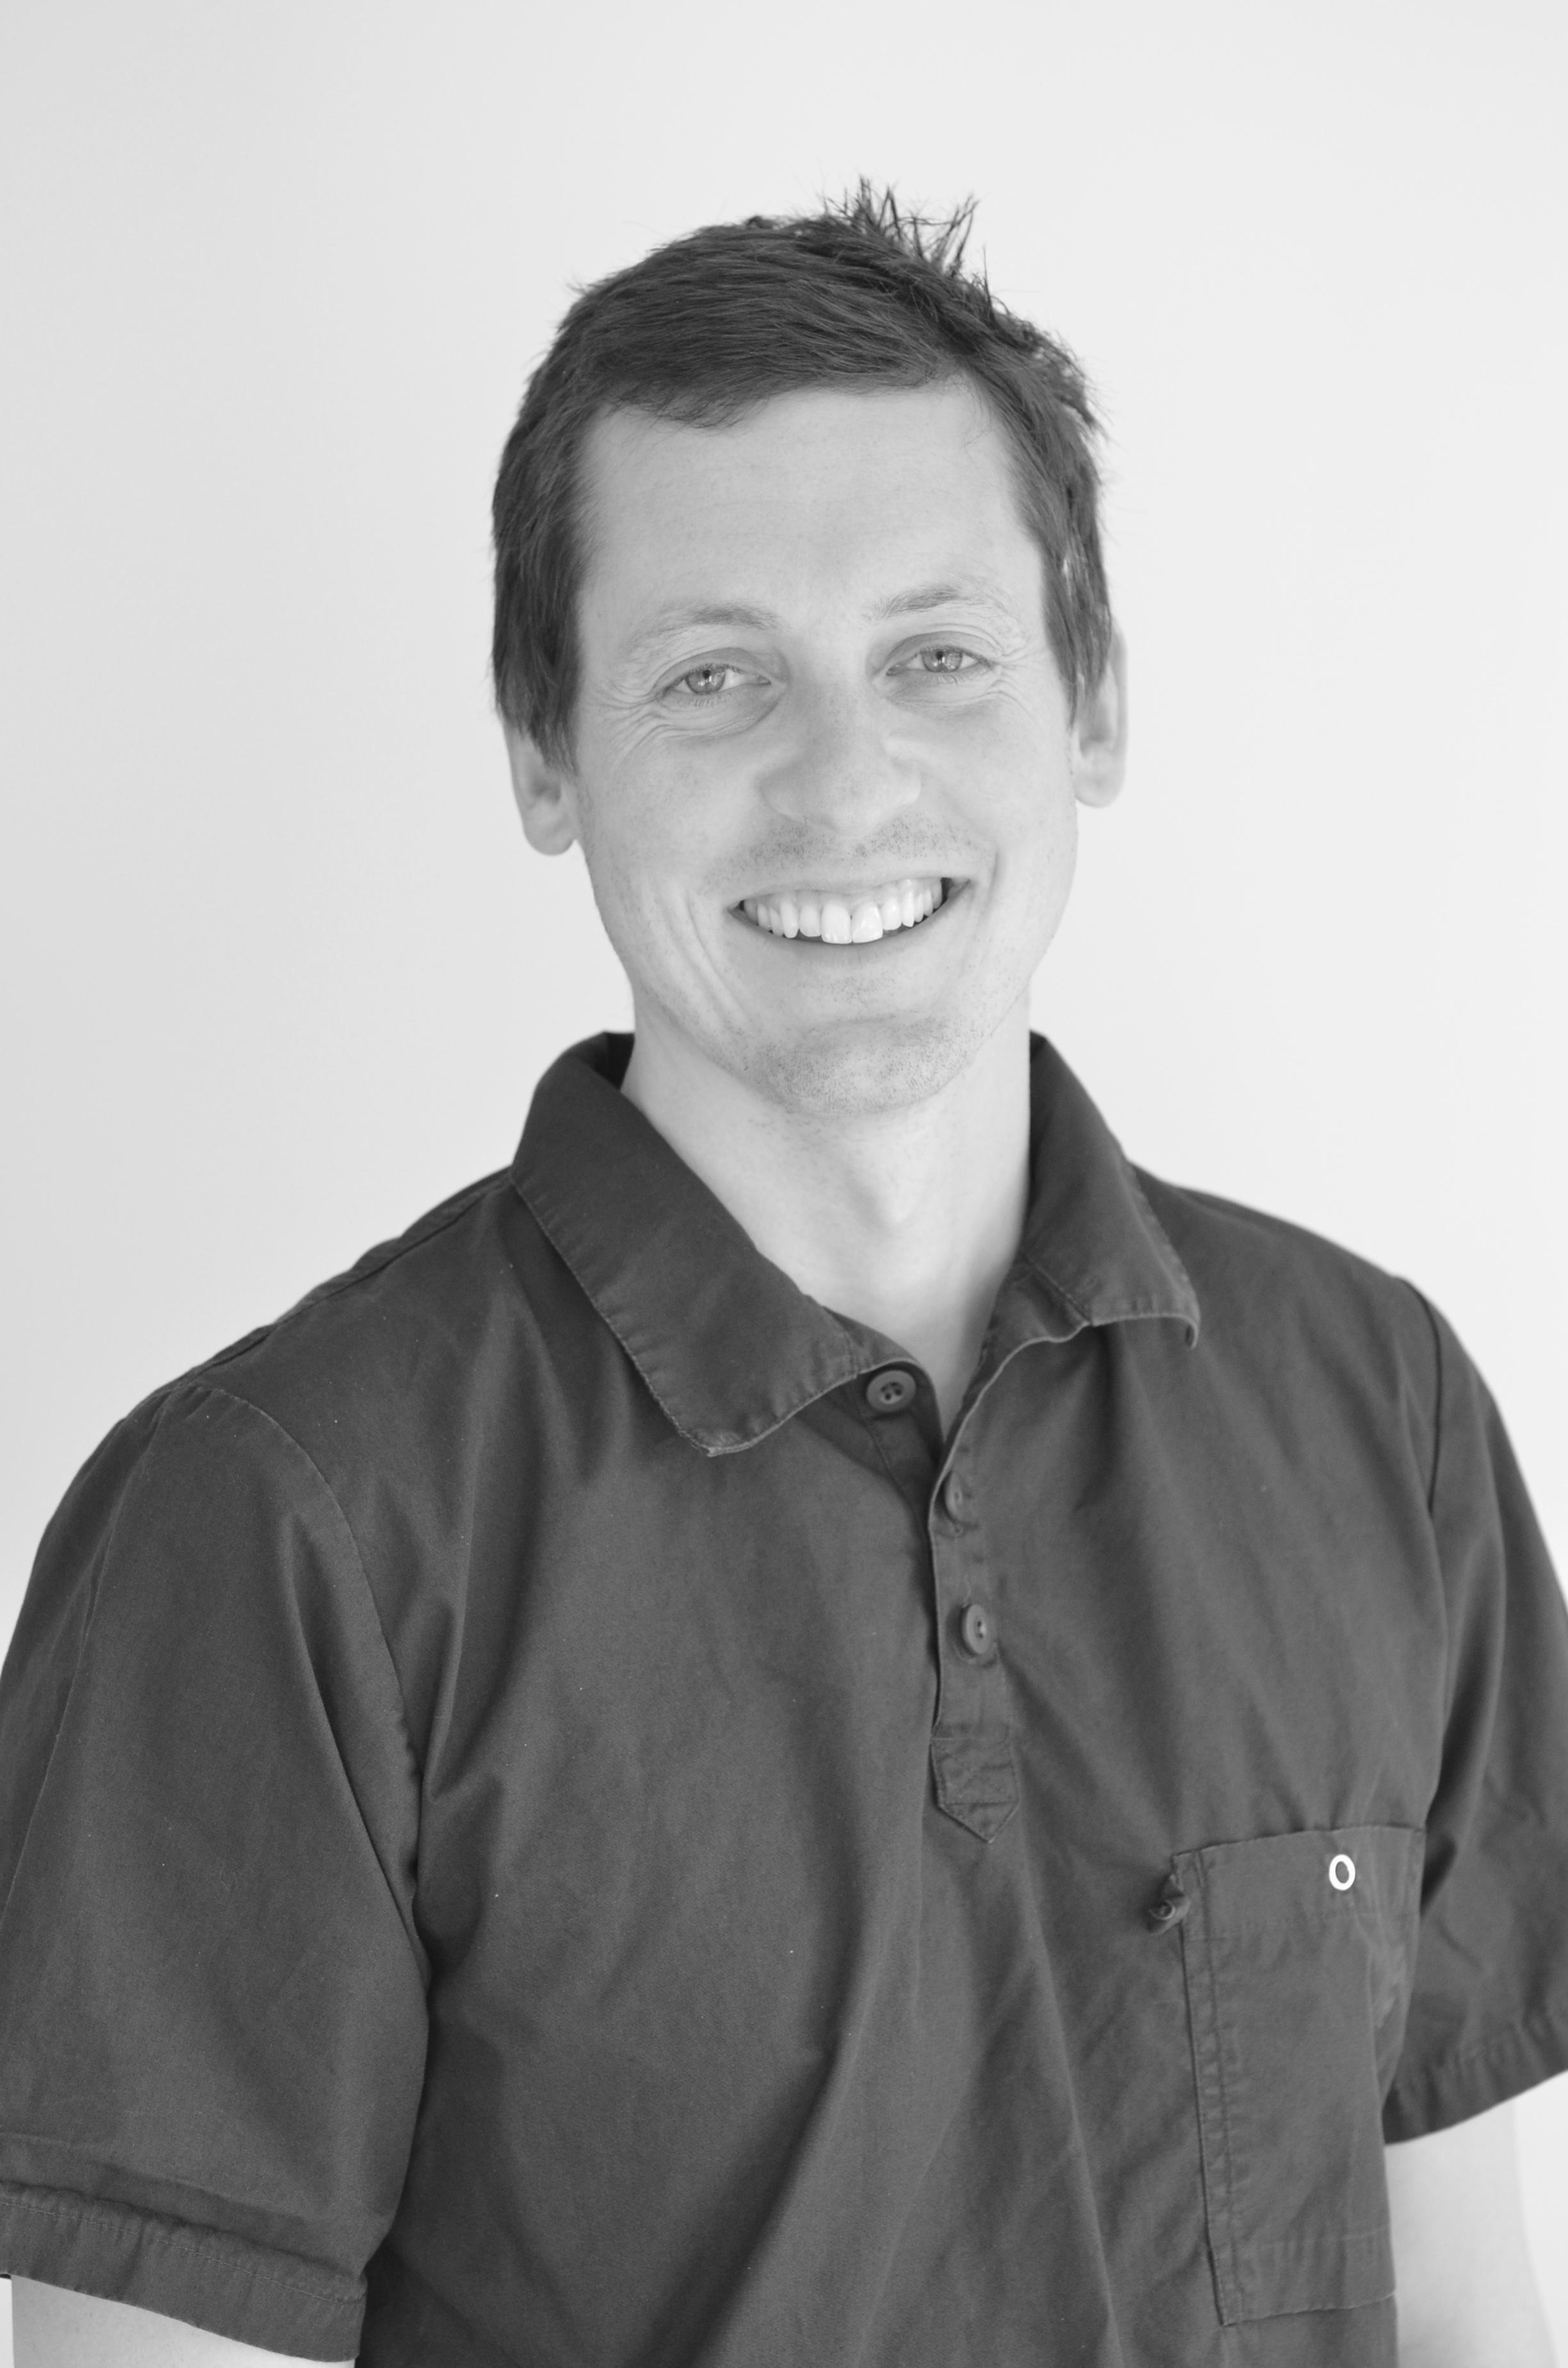 Håvard Engebretsen Zalik - Tannlege MNTFUtdannet ved Universitetet i Bergen ved det medisinsk-odontologiske fakultet 2004-2009. Har godkjenning fra statens autorisasjonskontor for implantatbehandling med trygdestønad.Håvard er fra Molde.